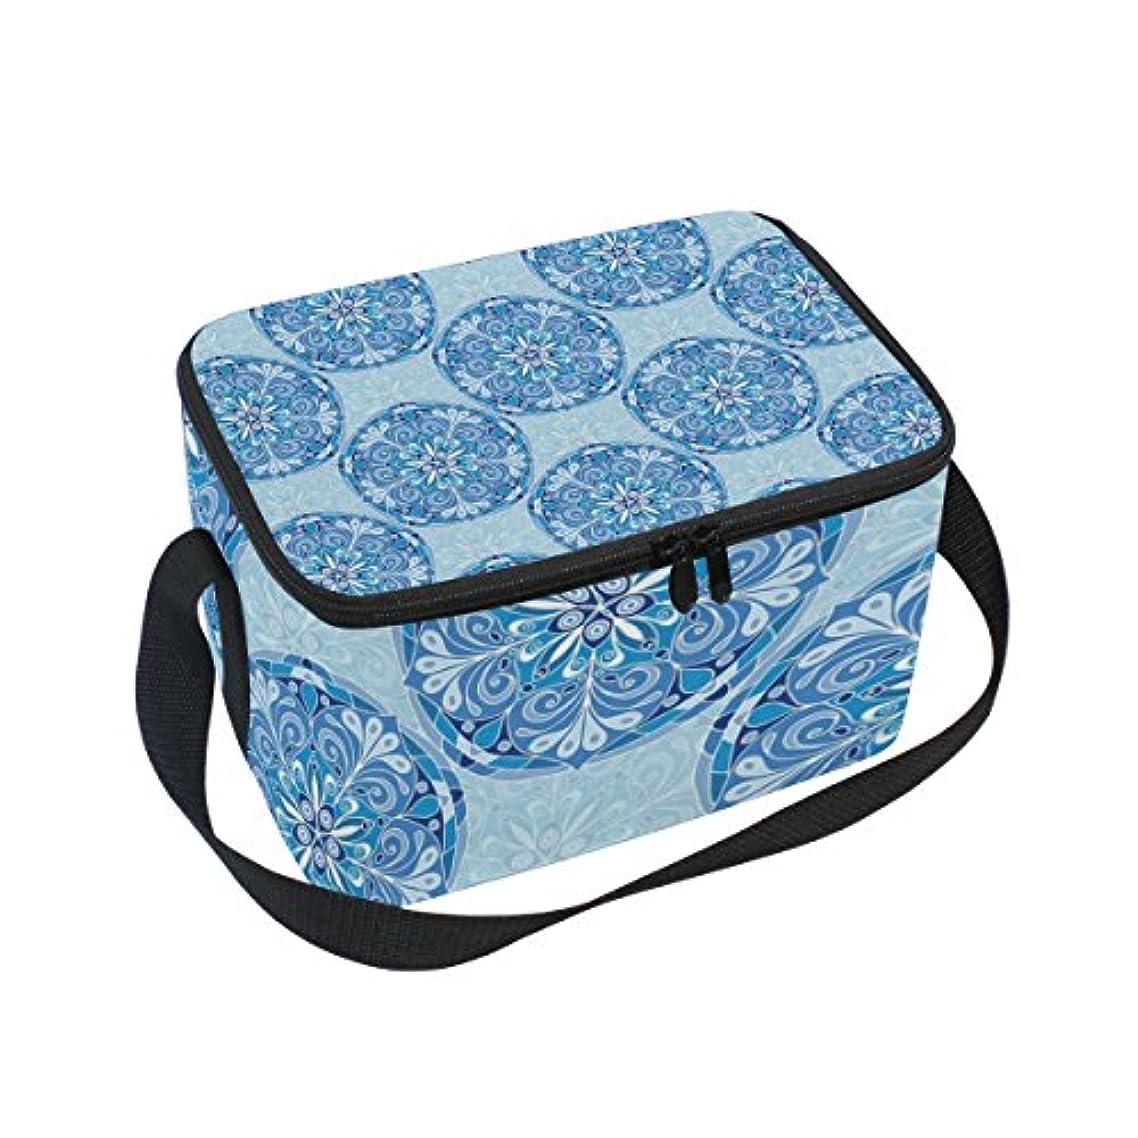 浸す旅行メトリッククーラーバッグ クーラーボックス ソフトクーラ 冷蔵ボックス キャンプ用品 ネイビー 民族風 花 保冷保温 大容量 肩掛け お花見 アウトドア